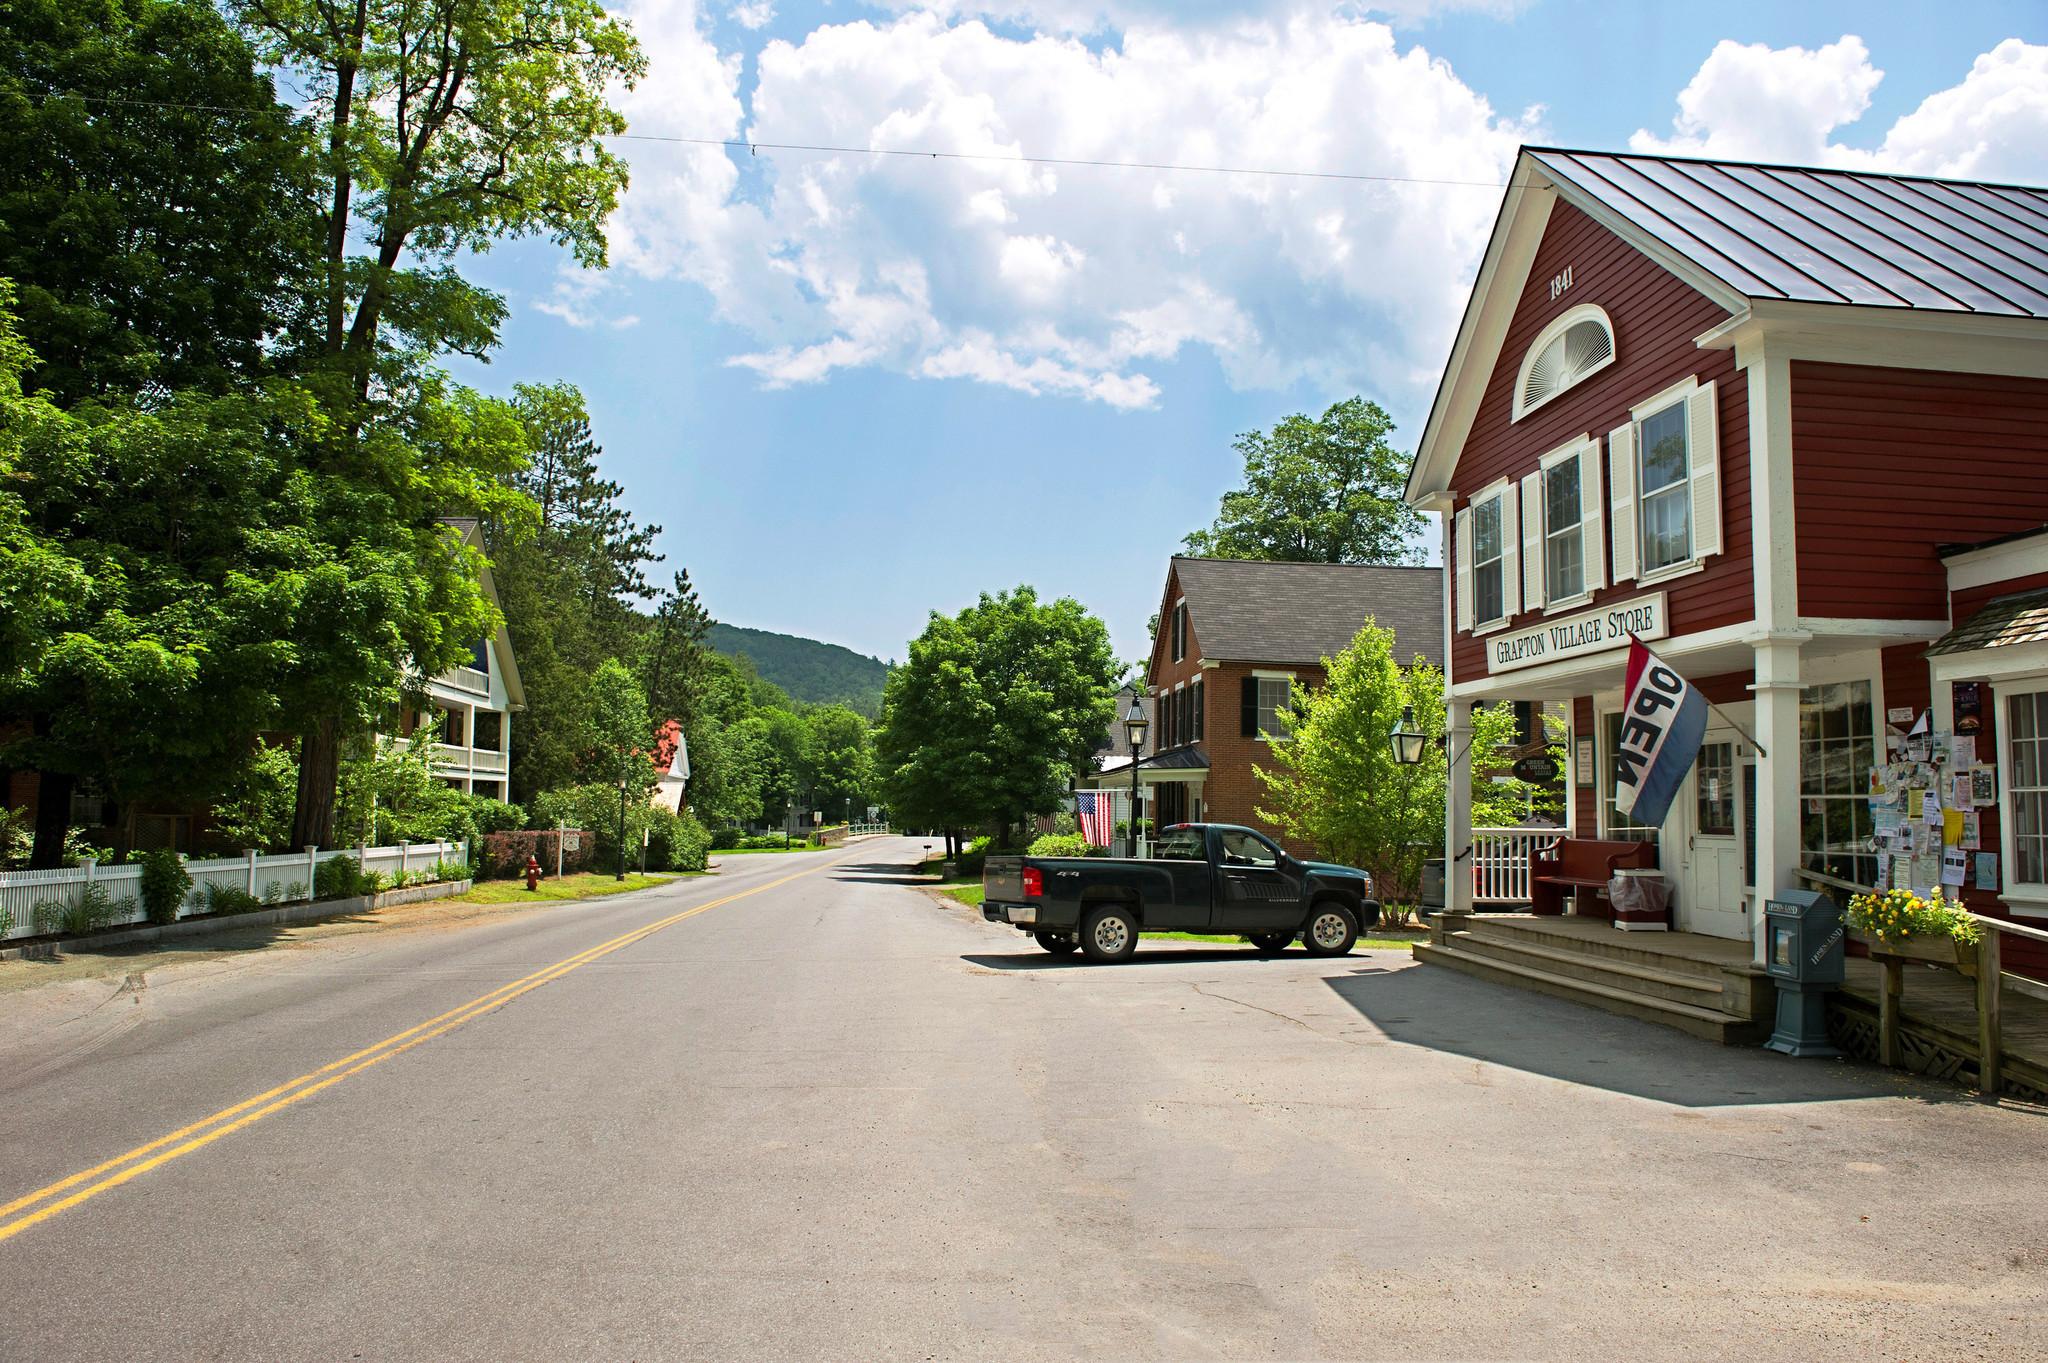 Village Jay Inn